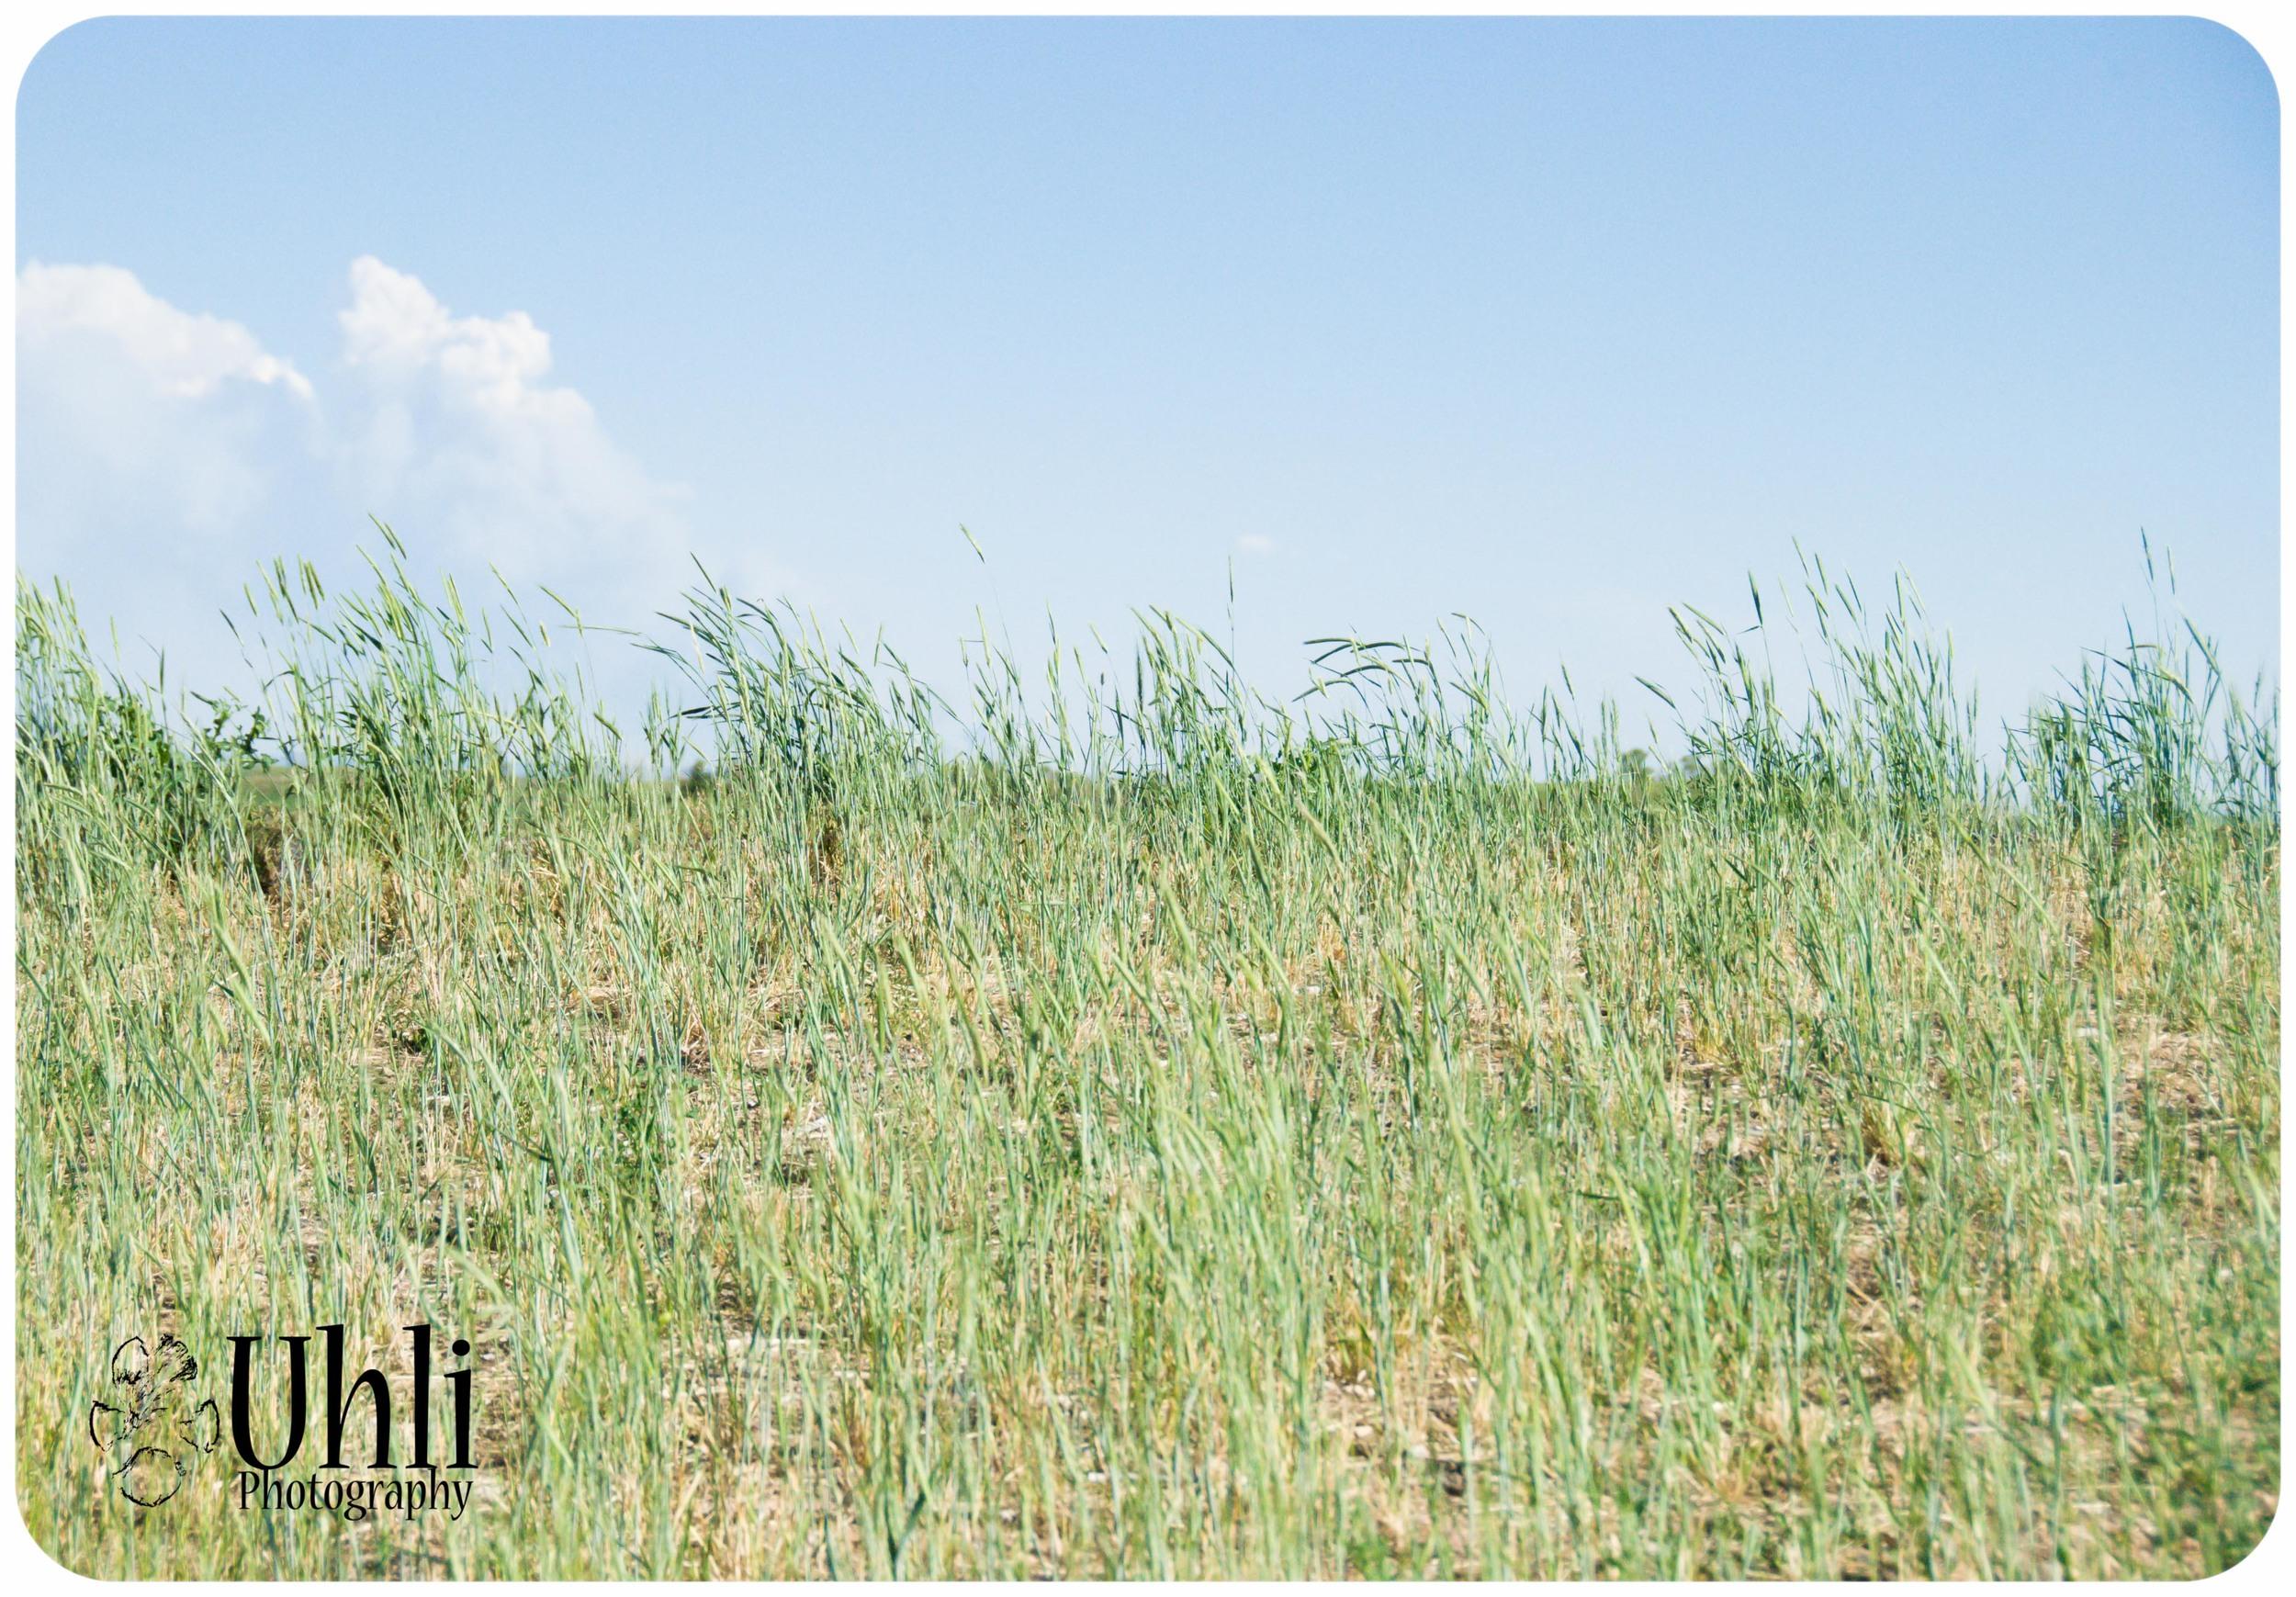 6.11.13 - Grass, Wind, Blue Sky - I love Colorado